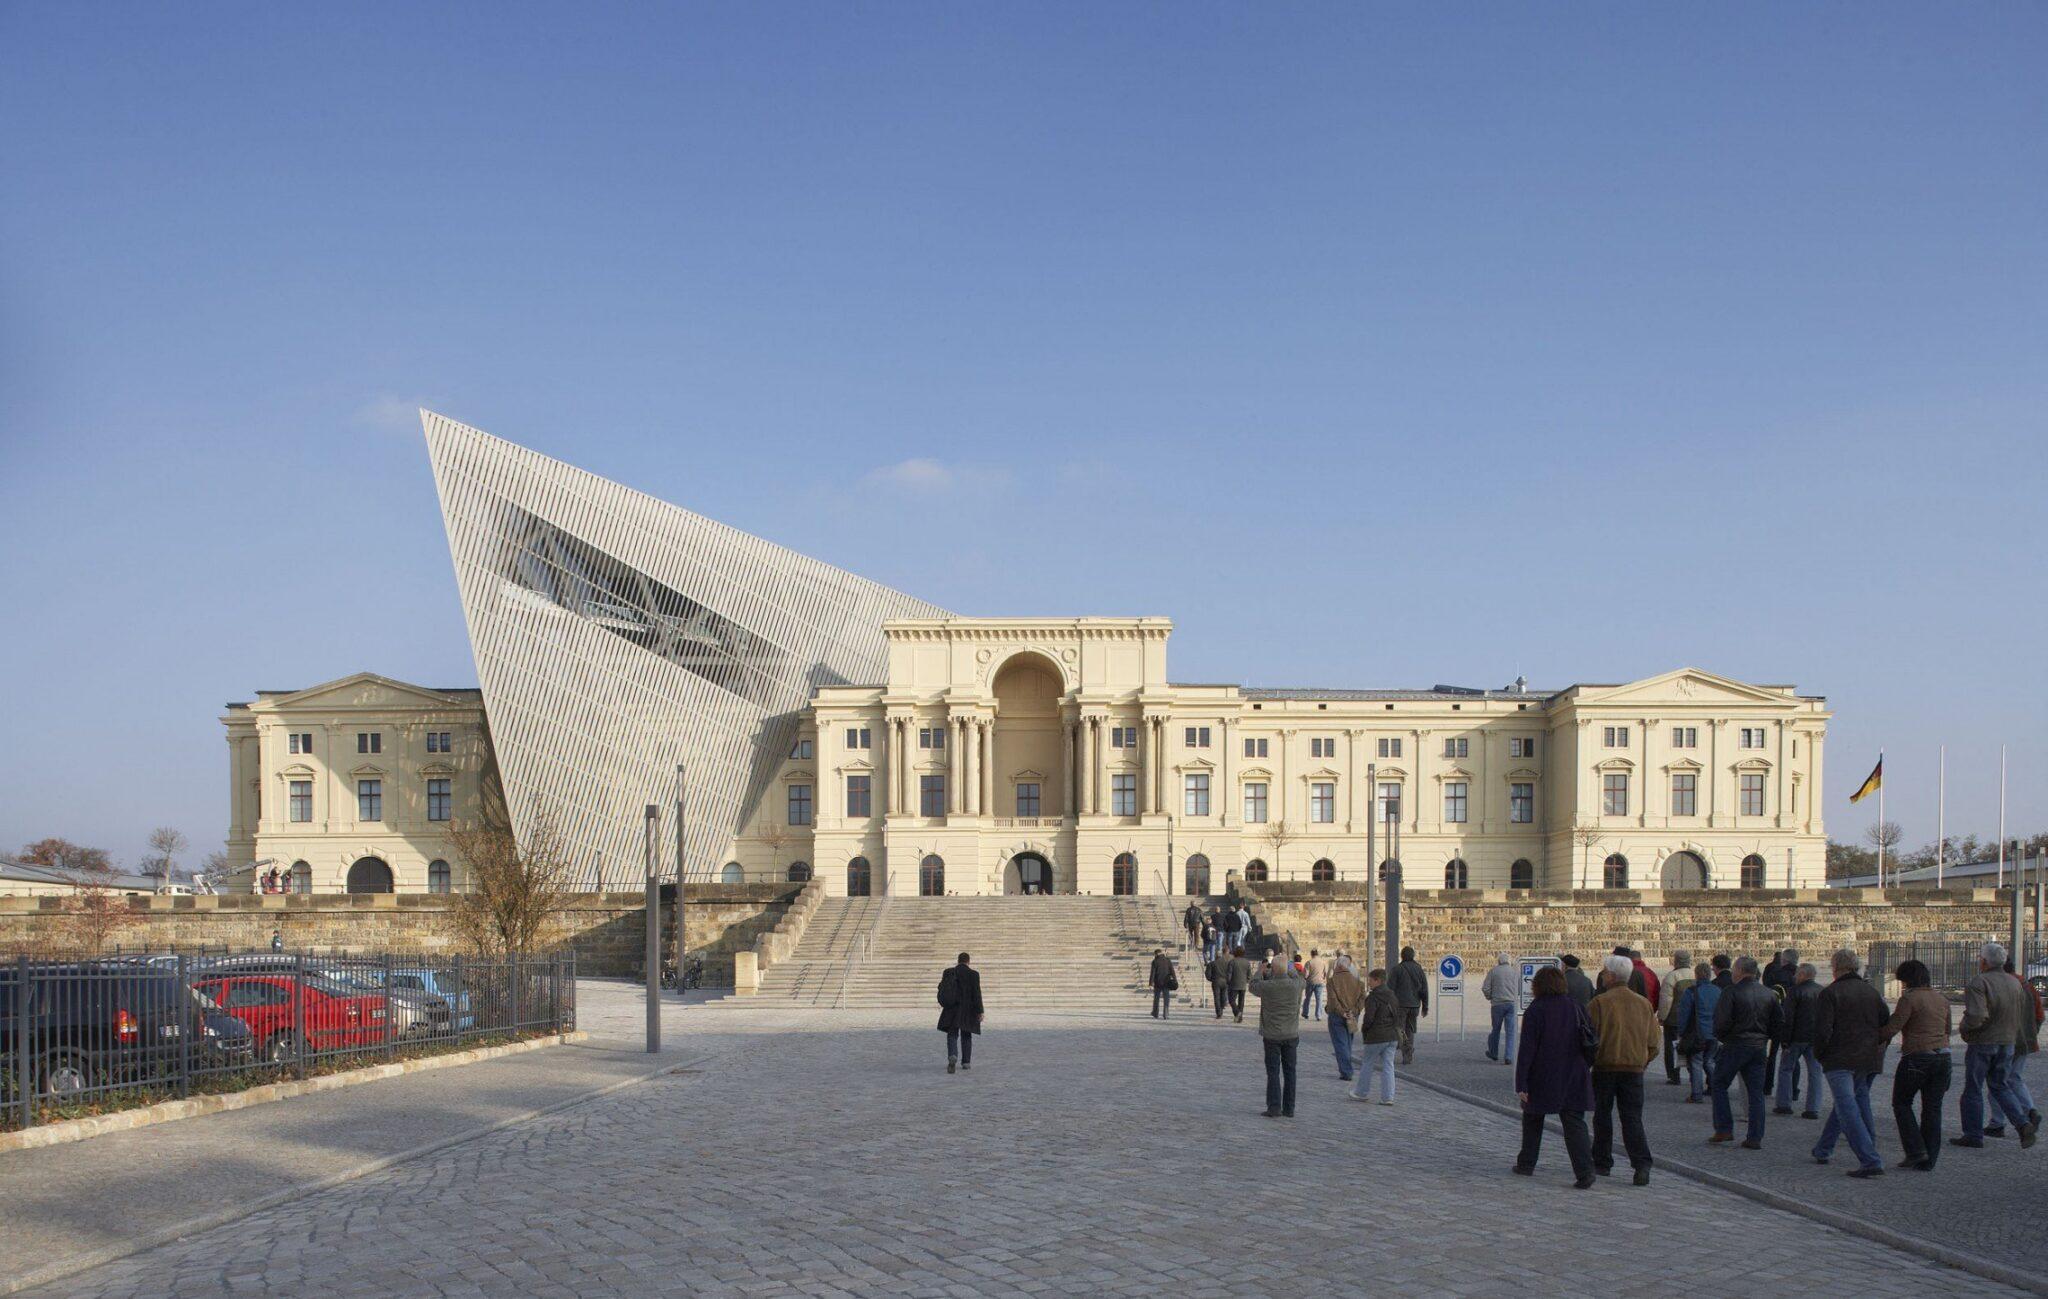 متحف التاريخ العسكري بألمانيا تصميمات المتاحف - معماري